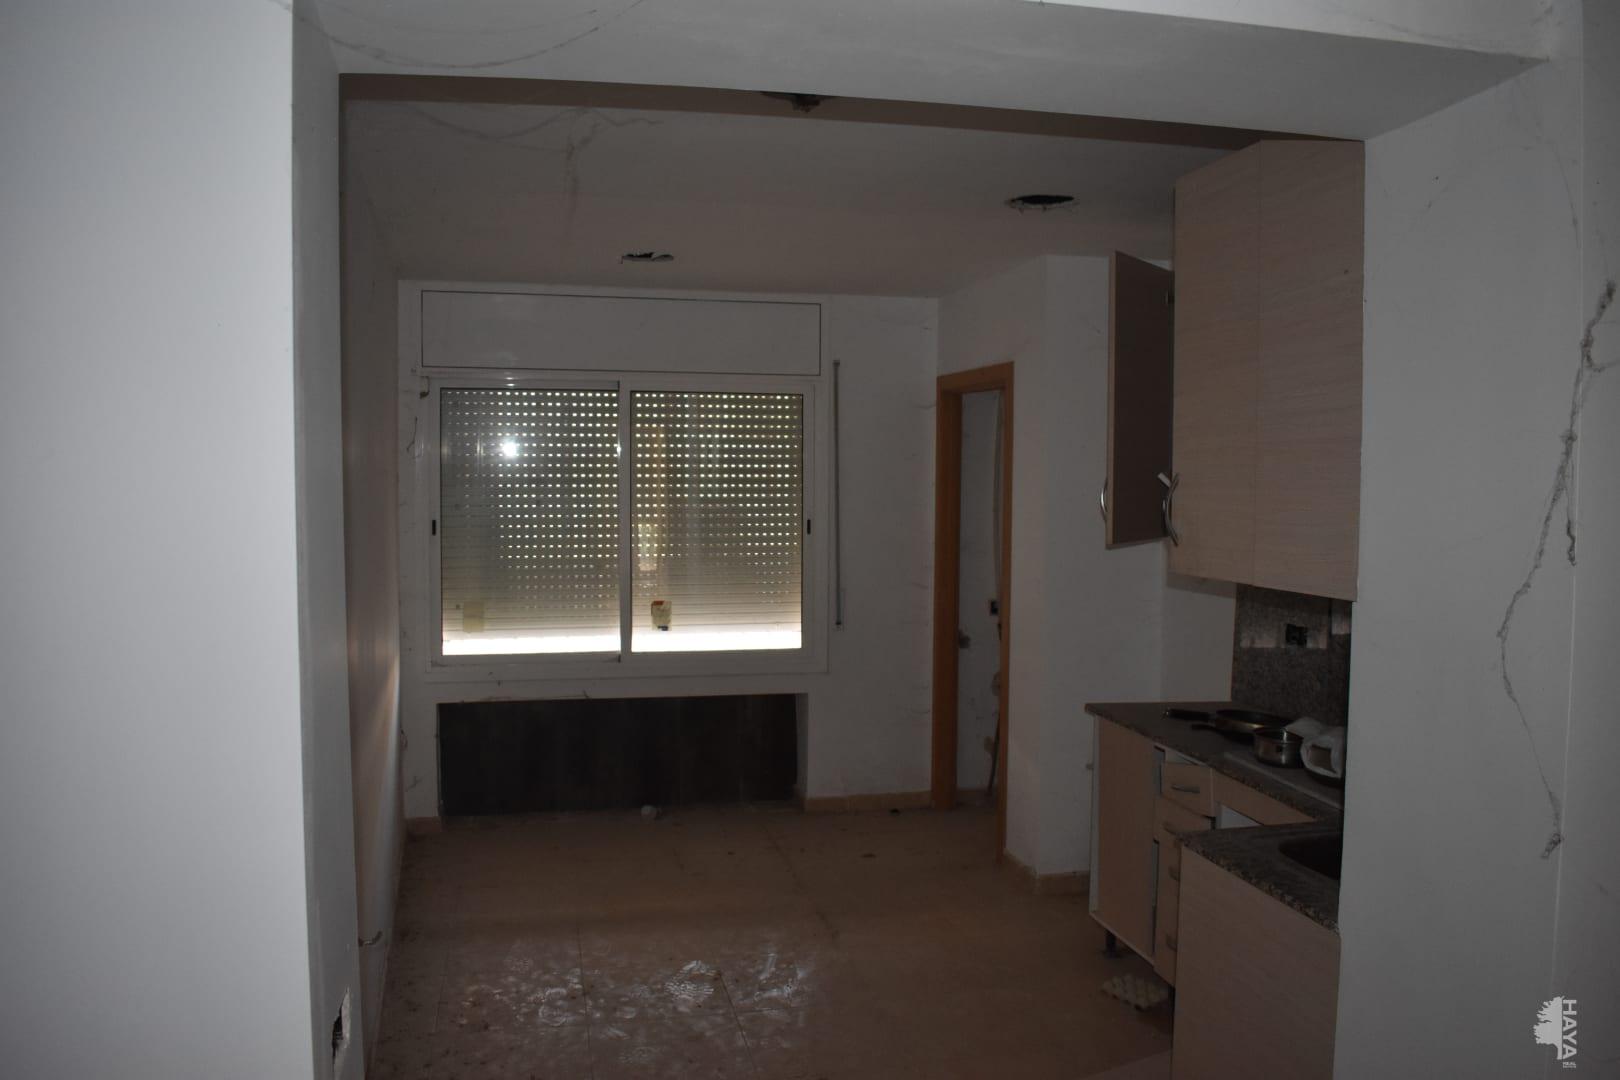 Piso en venta en Torroella de Montgrí, Girona, Calle Mar, 105.000 €, 2 habitaciones, 1 baño, 89 m2